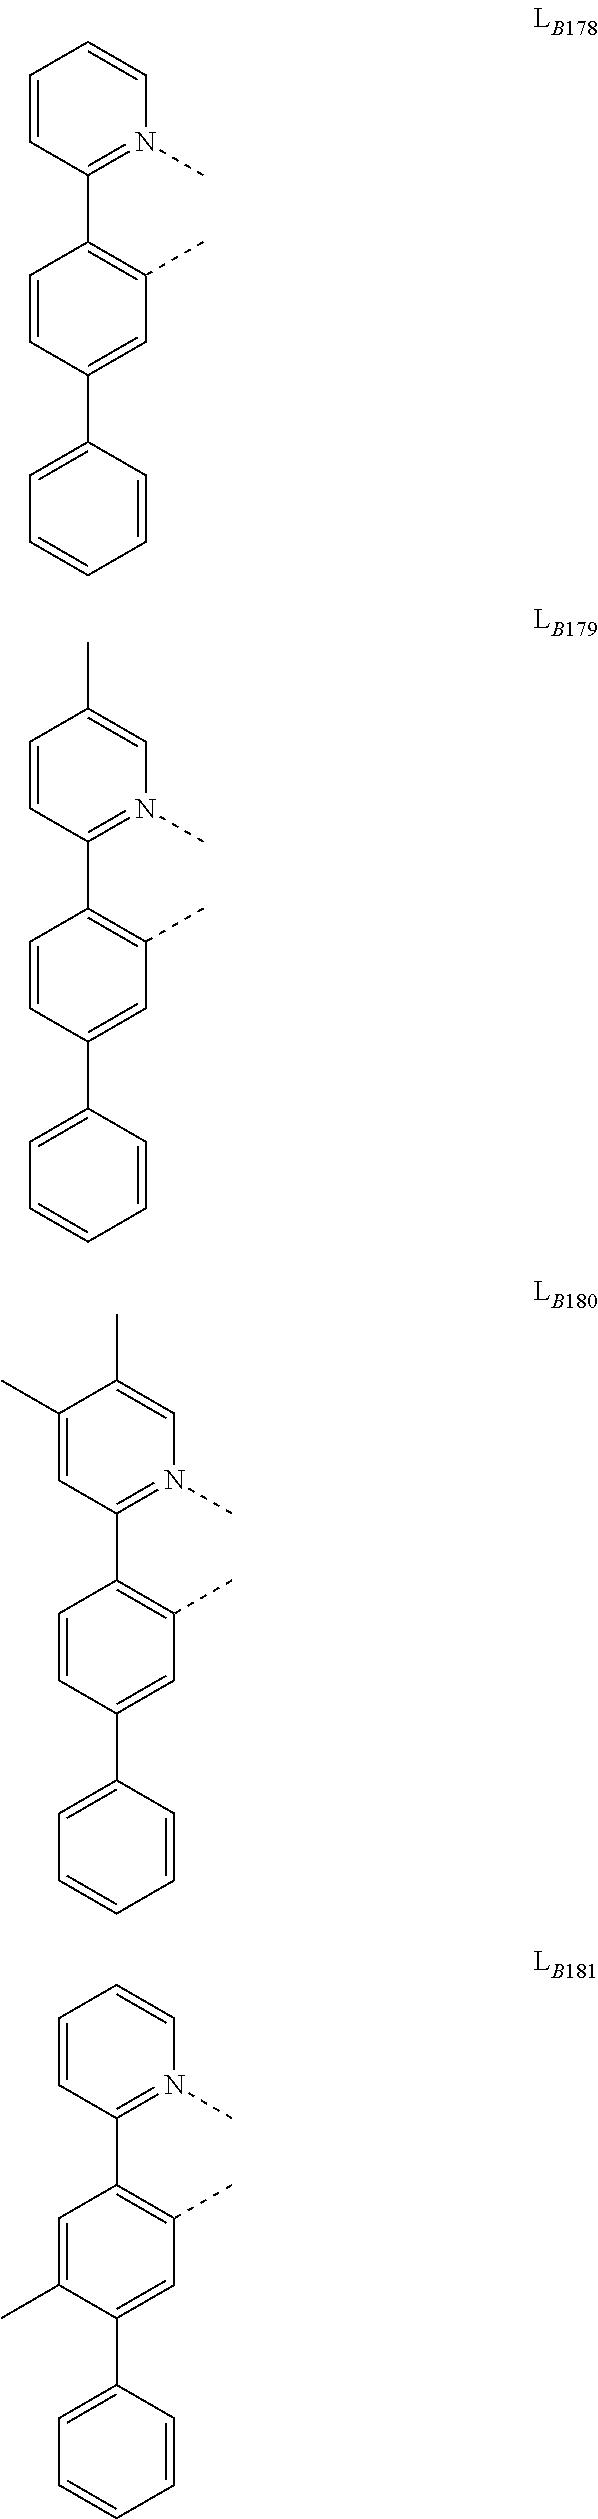 Figure US20180130962A1-20180510-C00295